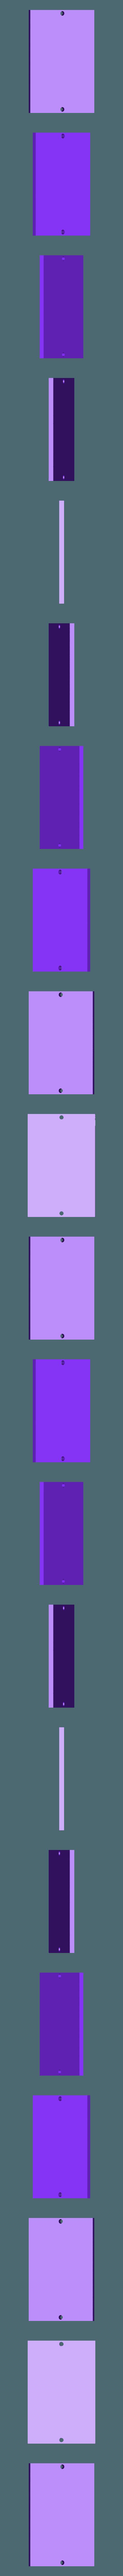 KatzenklappeTeil3b.stl Download free STL file Cat Flap Automatic Door • 3D printing model, Edd77